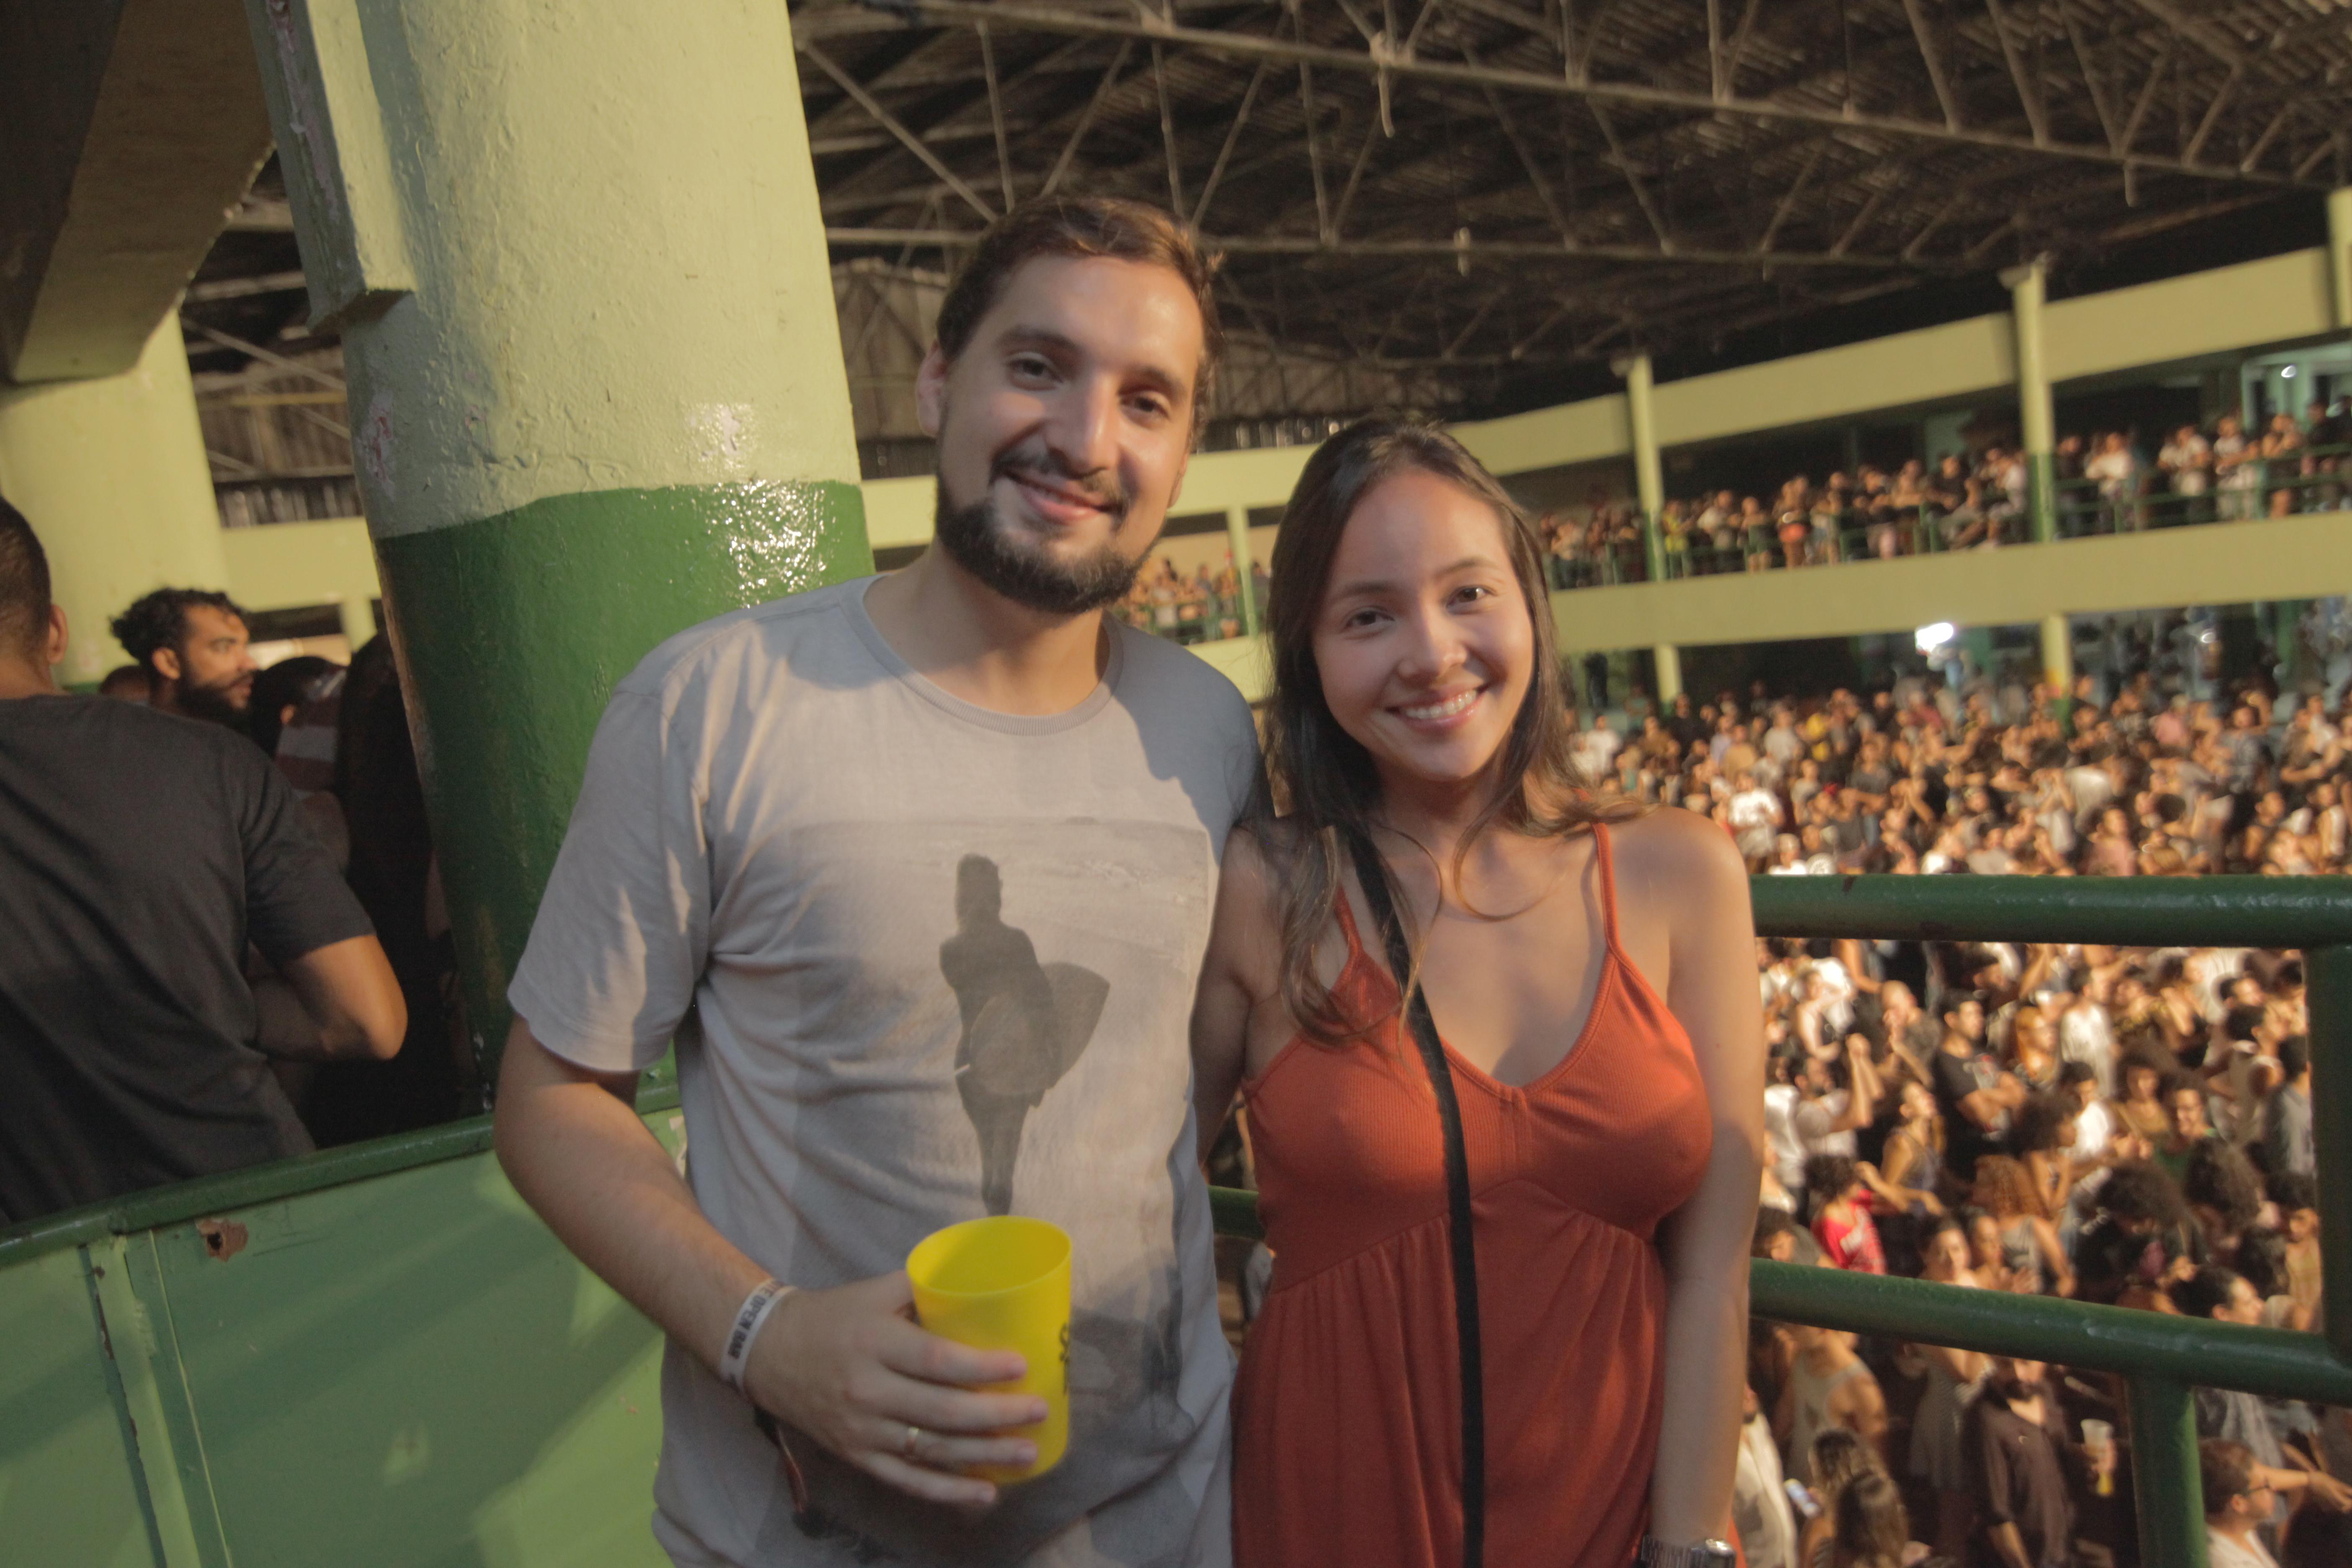 João Machado e Cynthia Baba - Crédito: Celo Silva/Divulgação